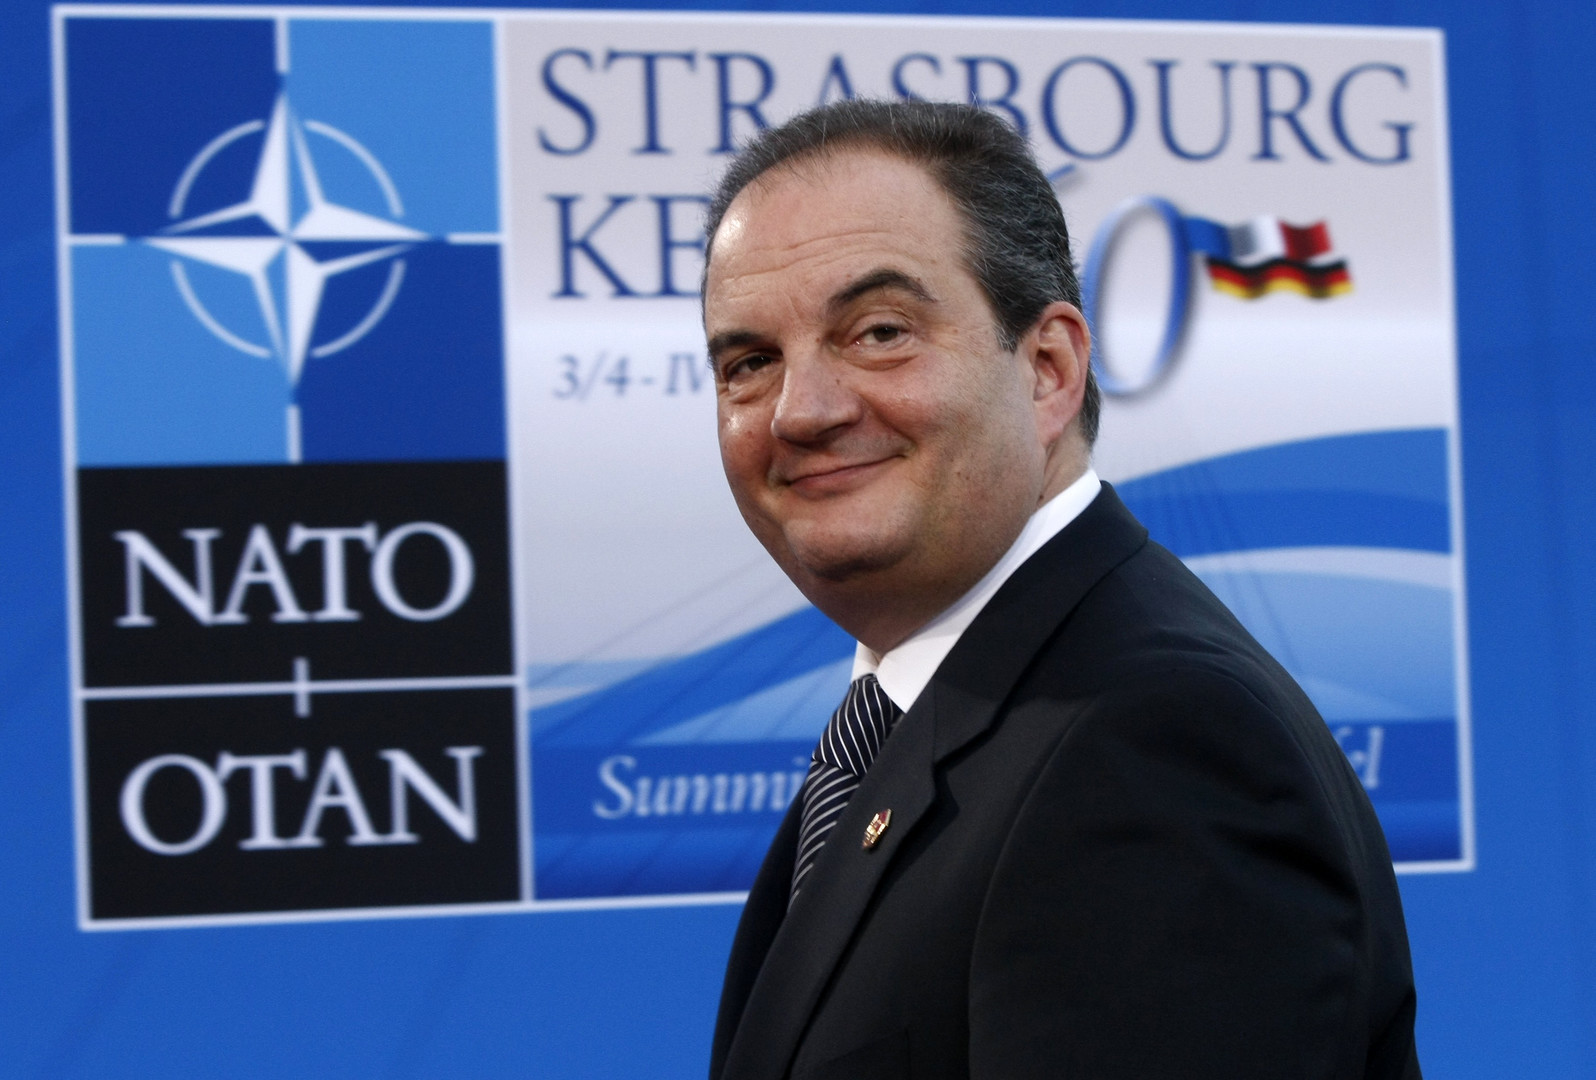 Kostas Karamanlis, Premier ministre grec de 10 mars 2004 à 6 octobre 2009